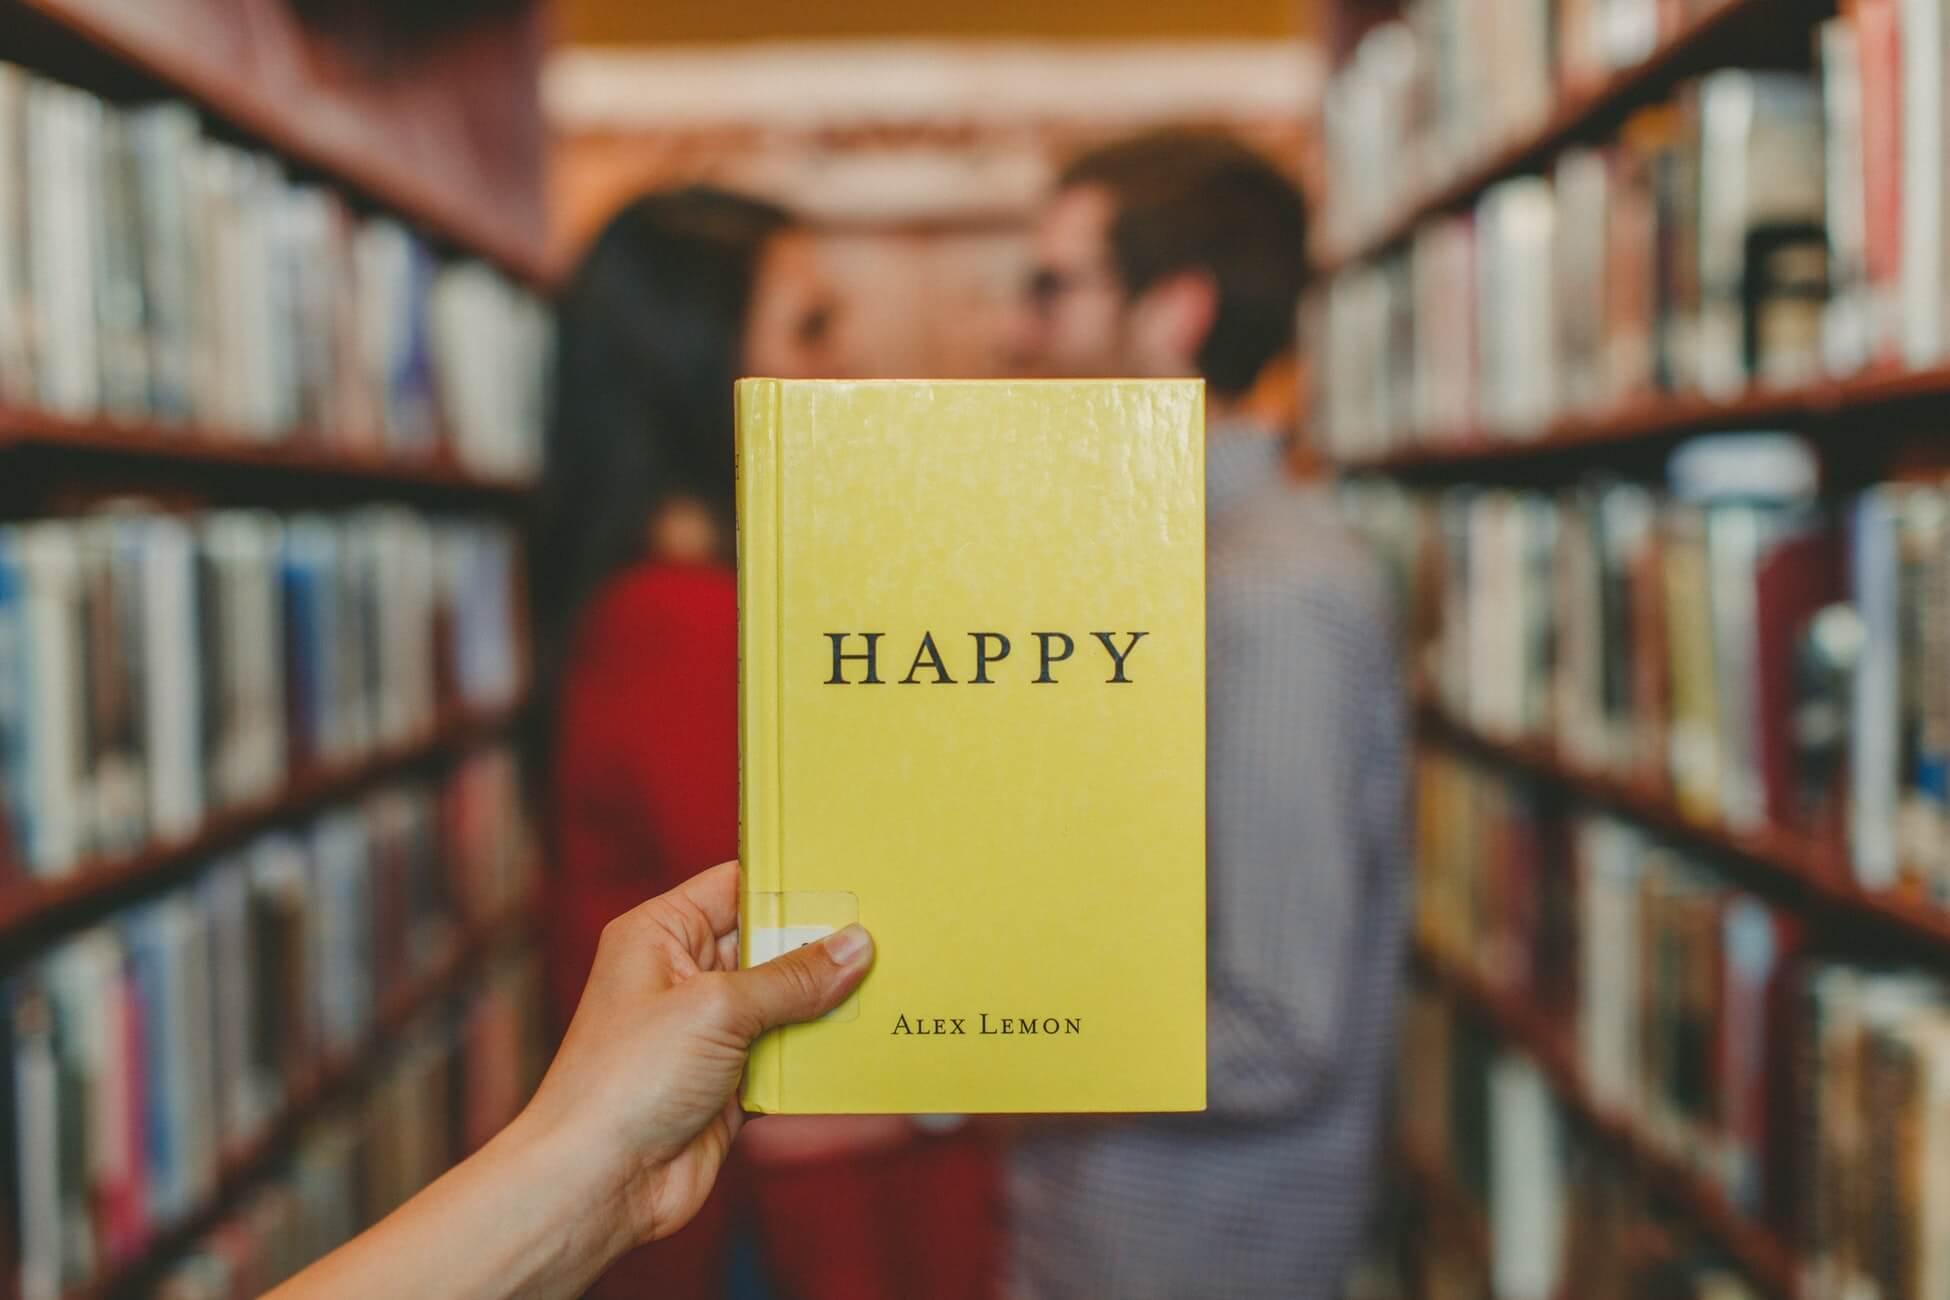 はこじょ森林セラピーラボ連載記事『科学的に幸せになる方法』が掲載されました。